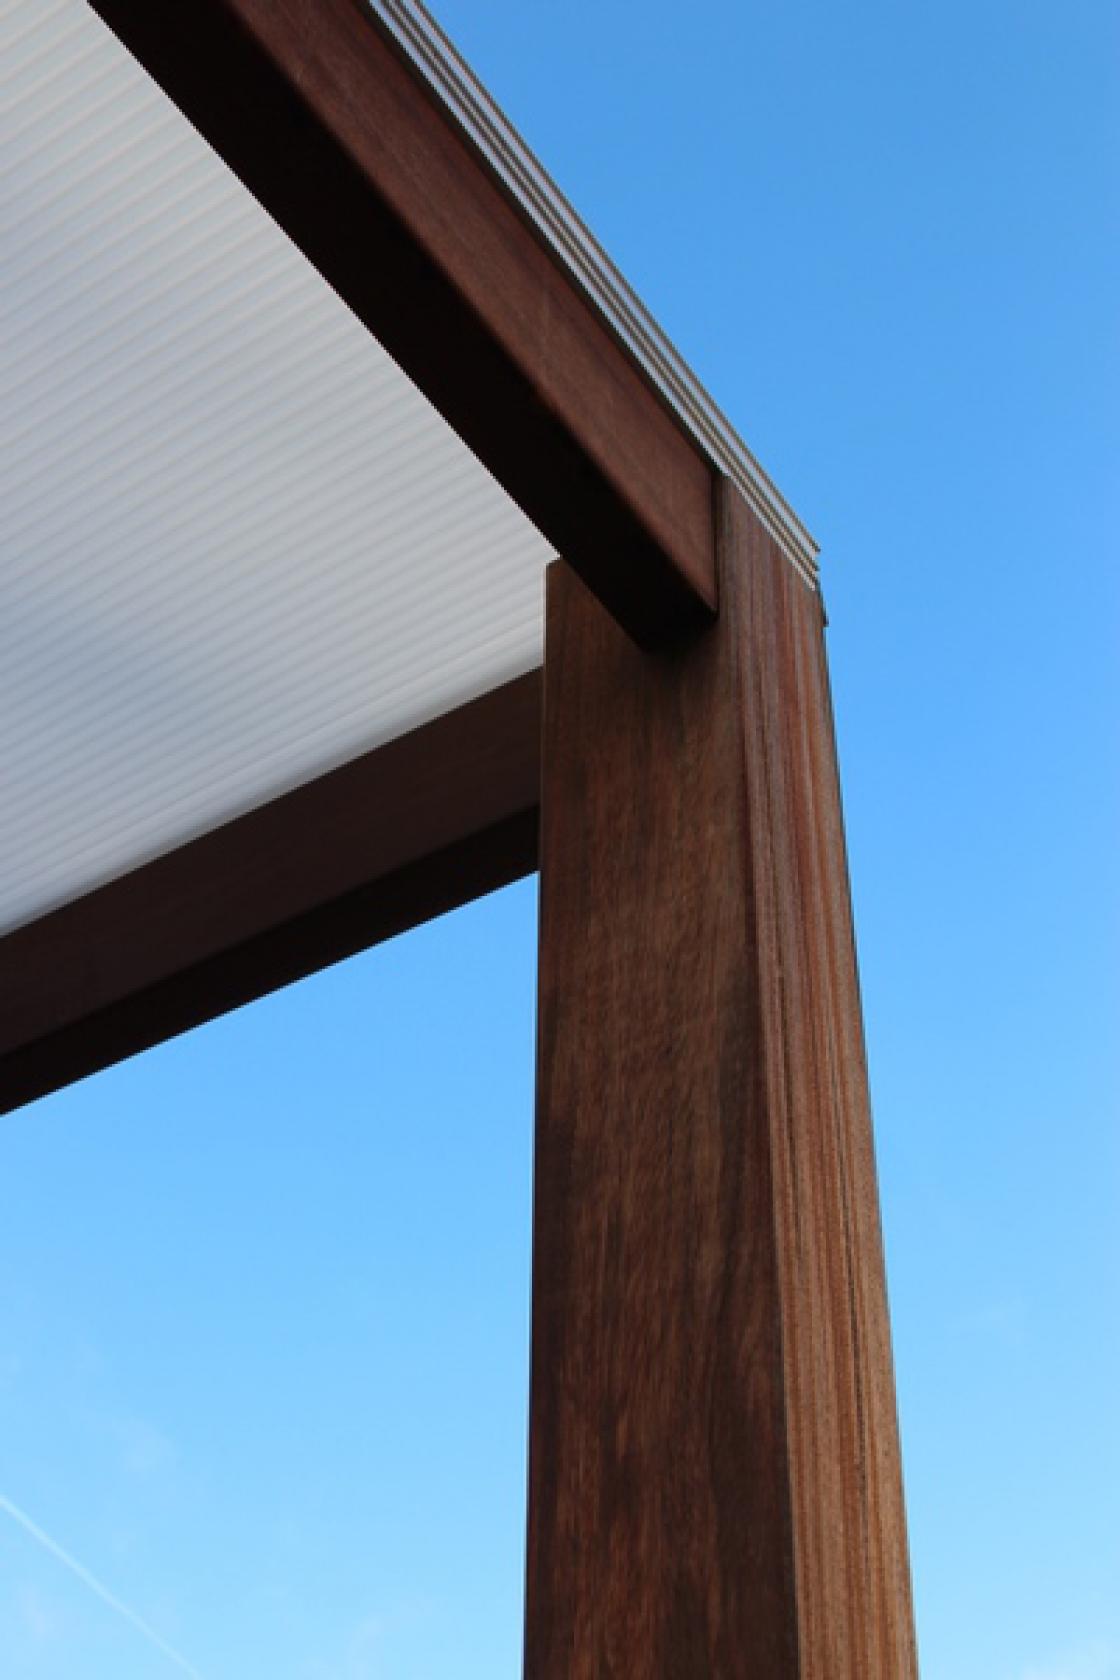 Van vlechtmatten tot omheiningen vastzetten, van tuinschermen bevestigen tot constructies maken, de mogelijkheden van houten palen zijn breed.